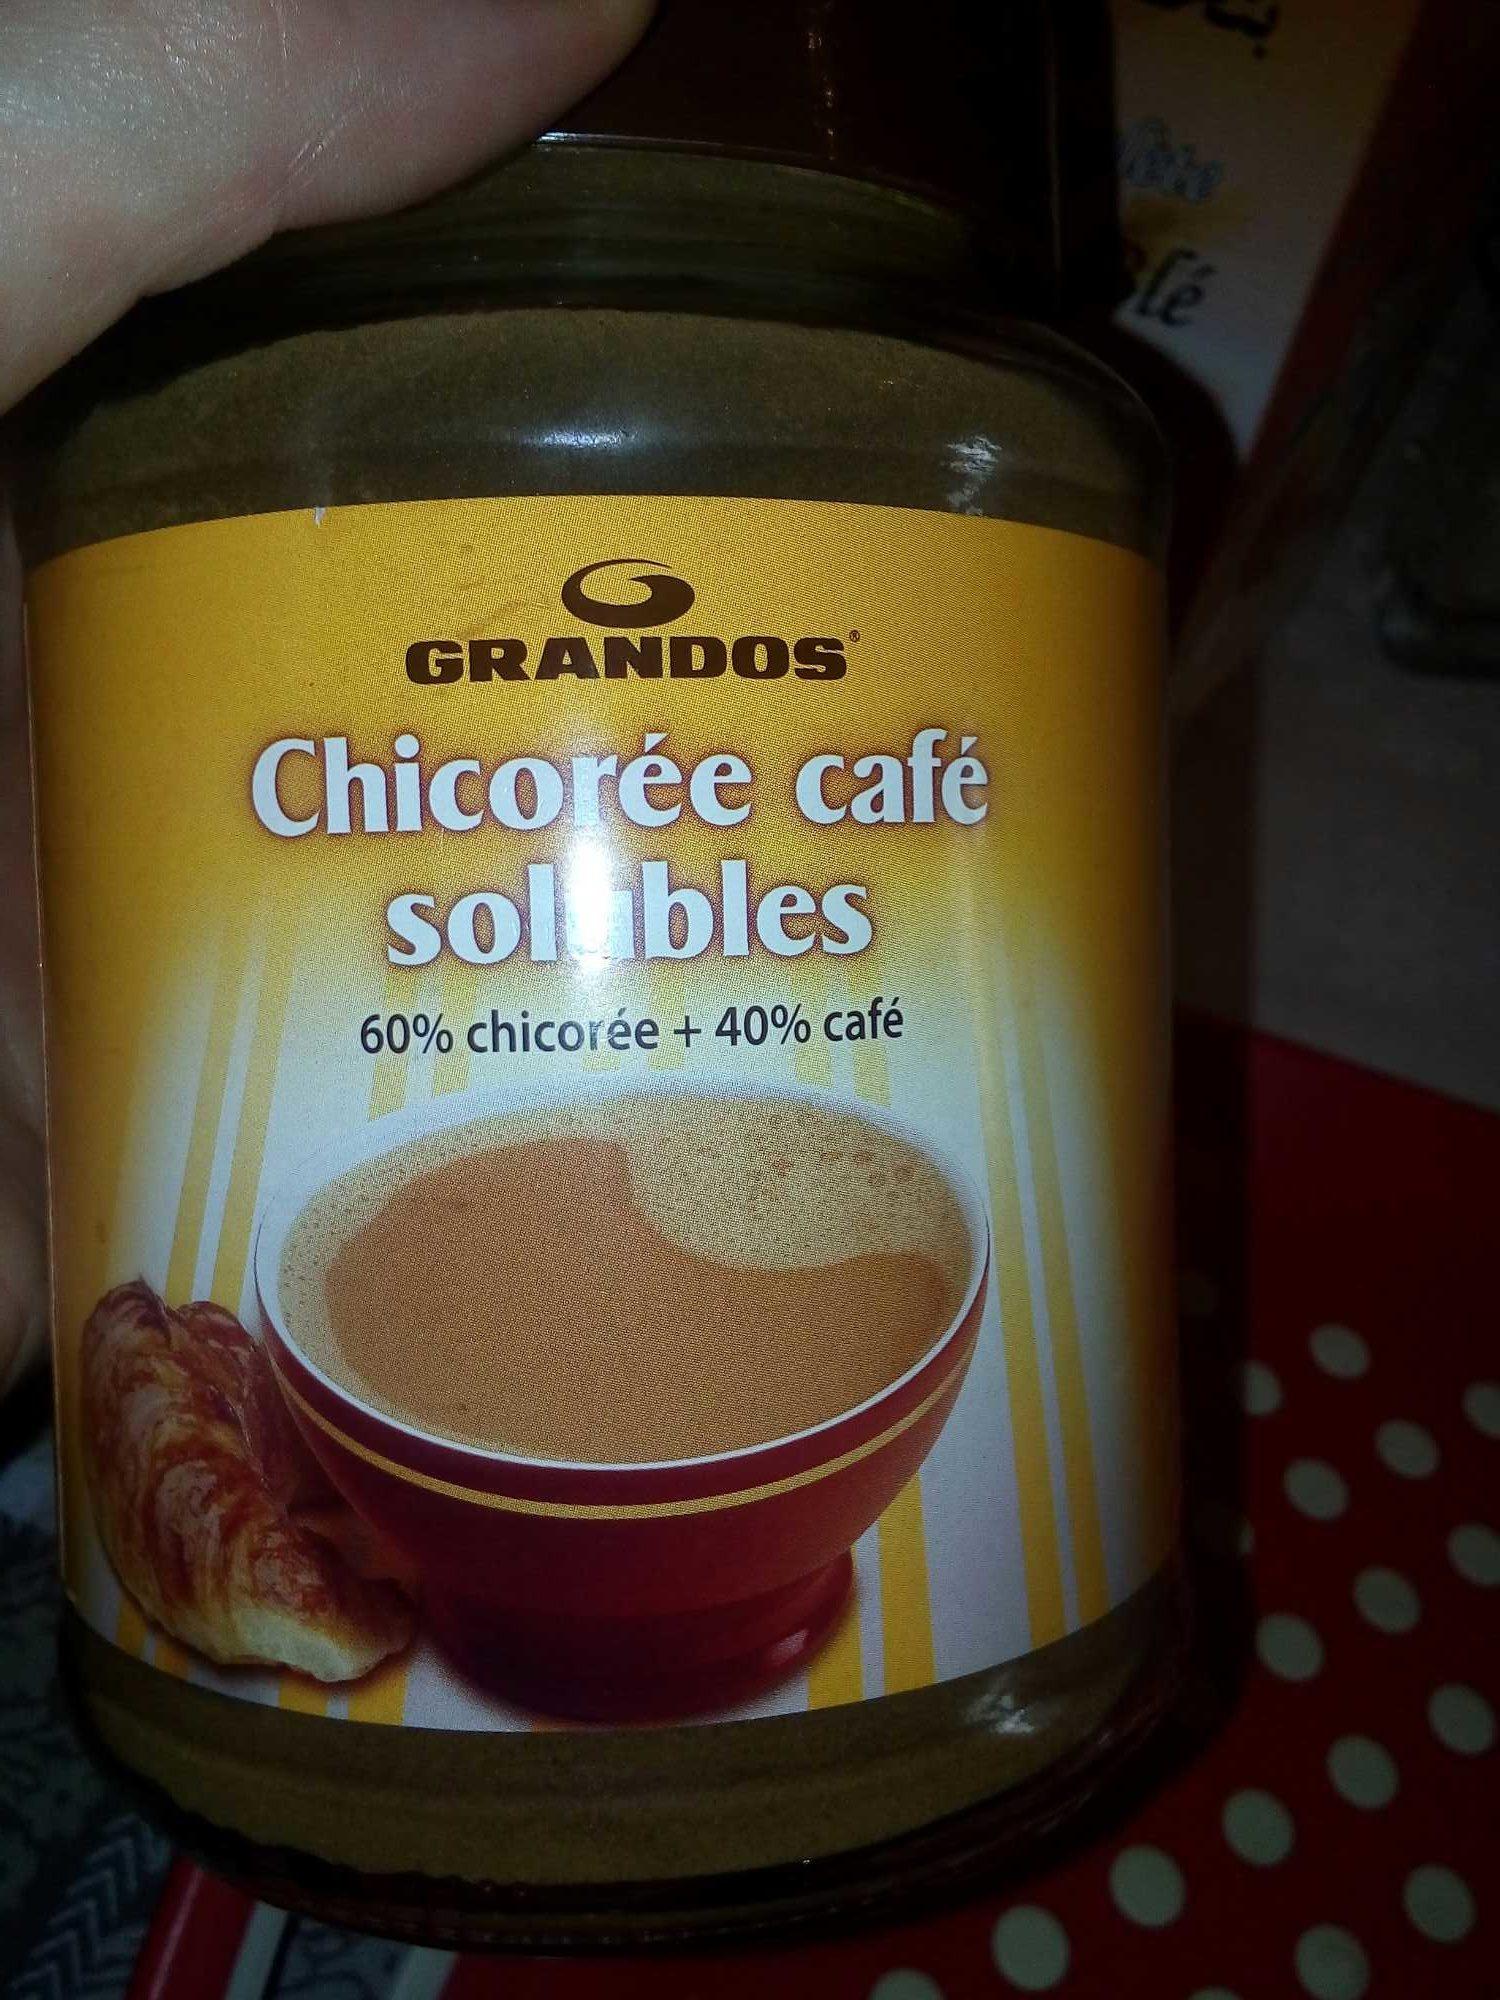 Chicorée Café Solubles Grandos 200g